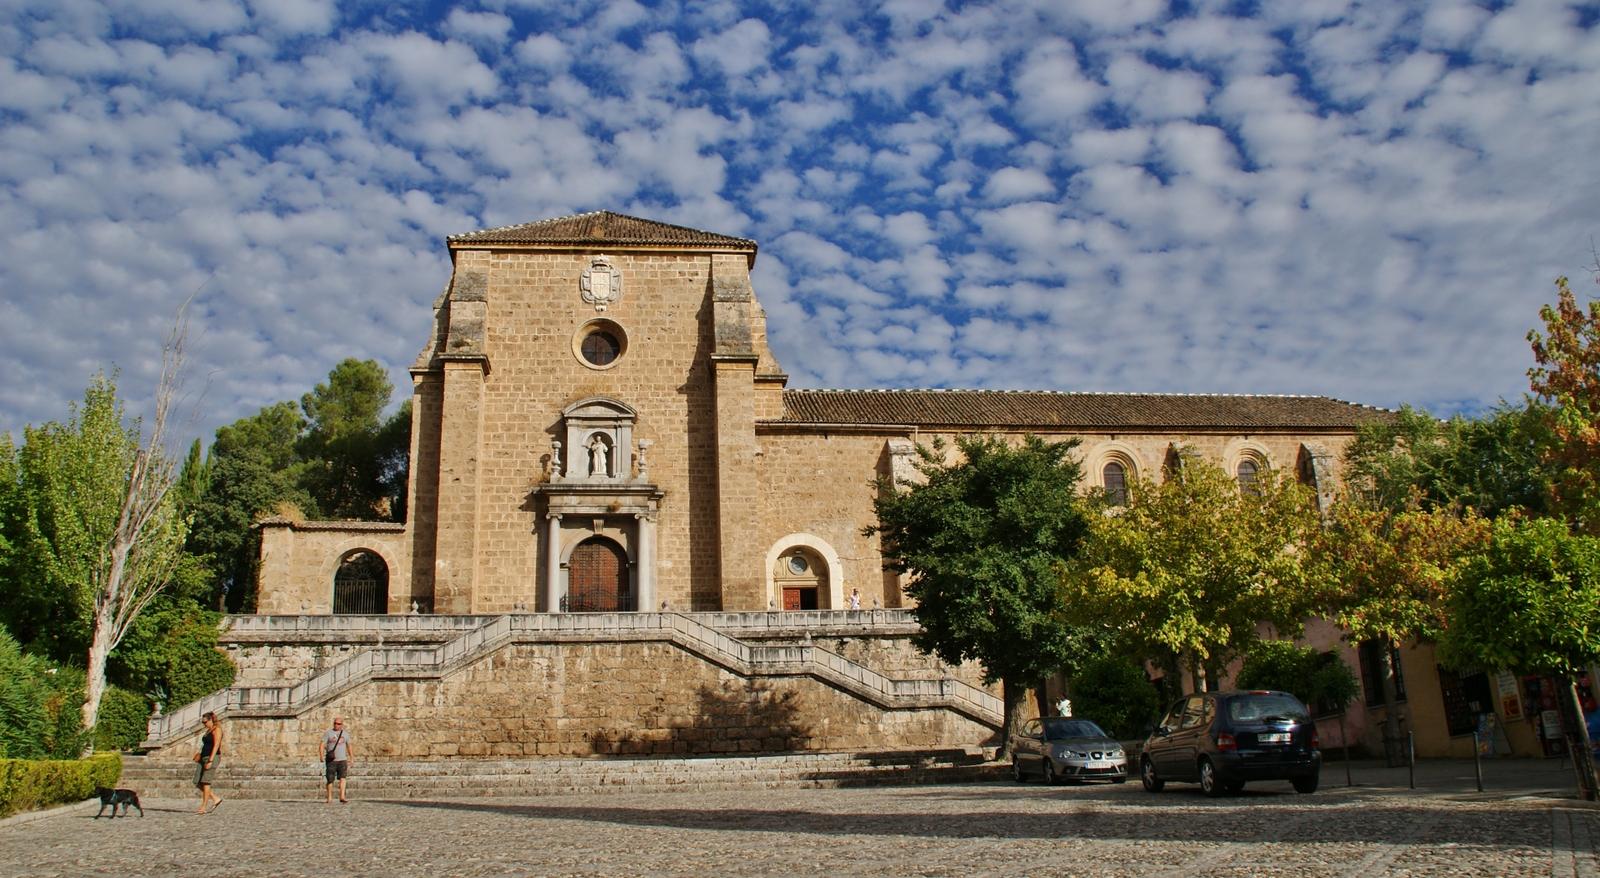 Un estudio revela las costumbres de los cartujos granadinos y su monasterio